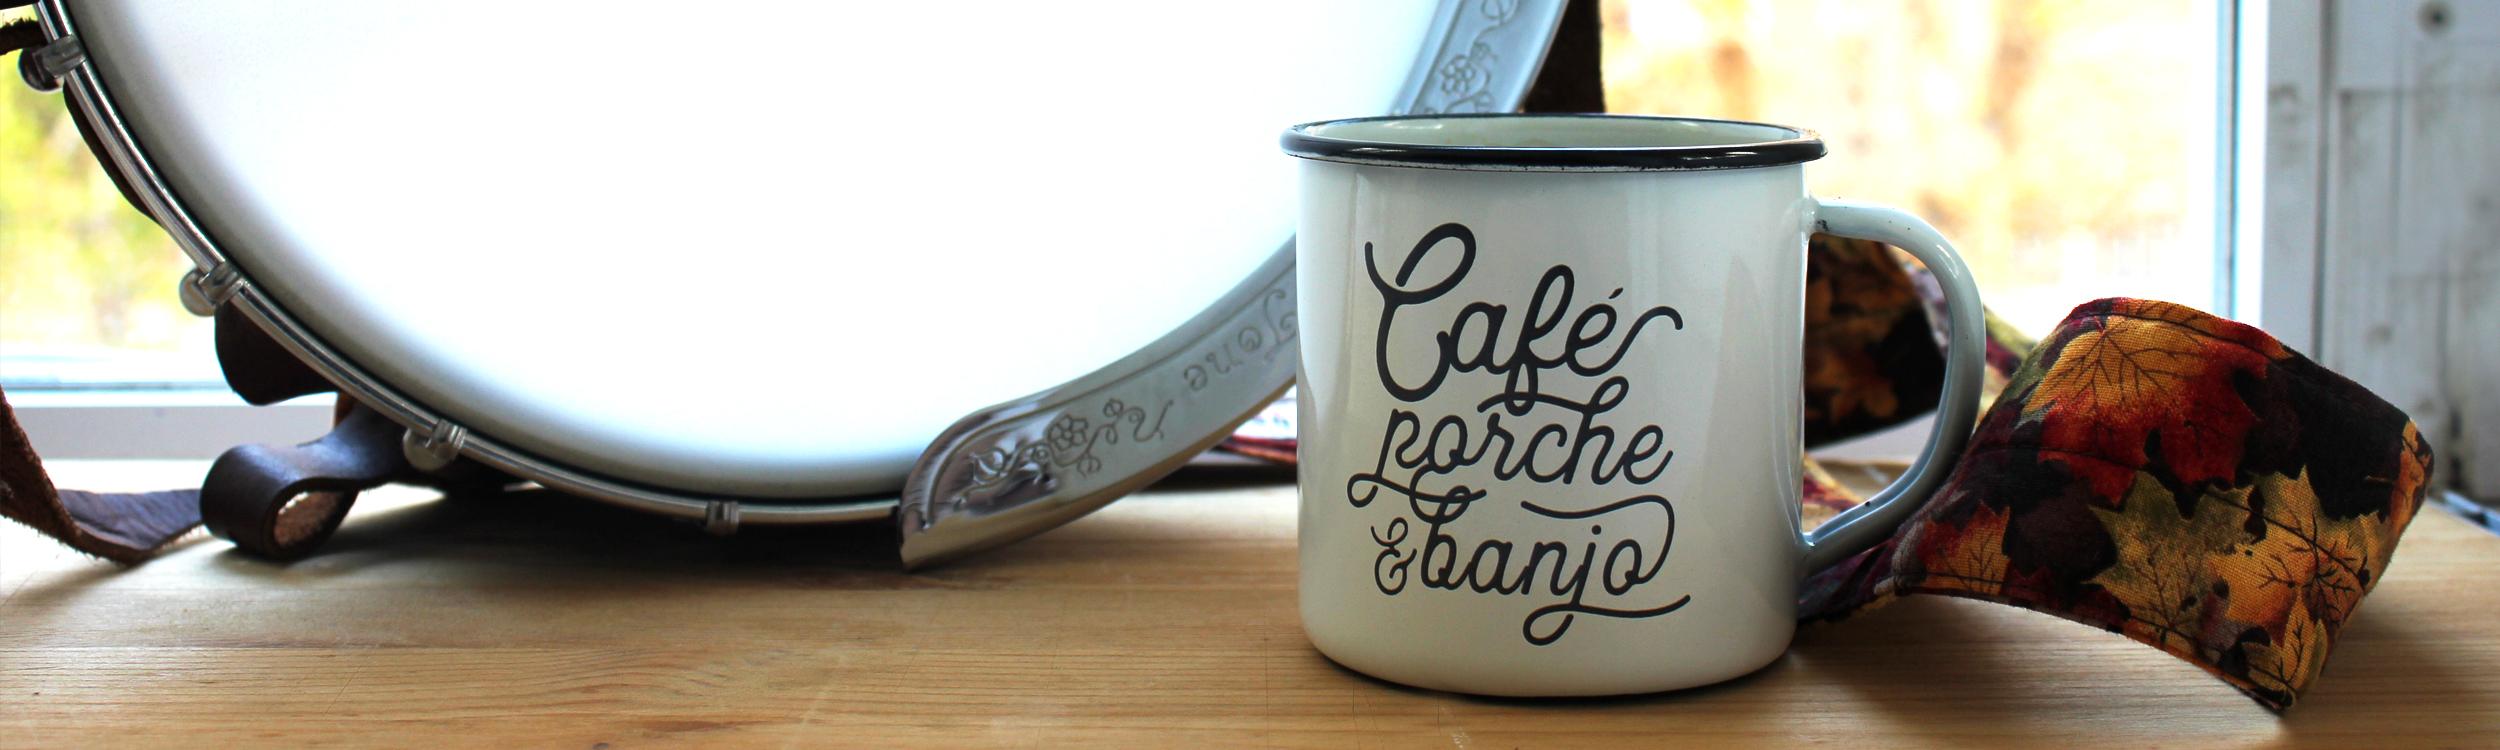 Café, porche y banjo